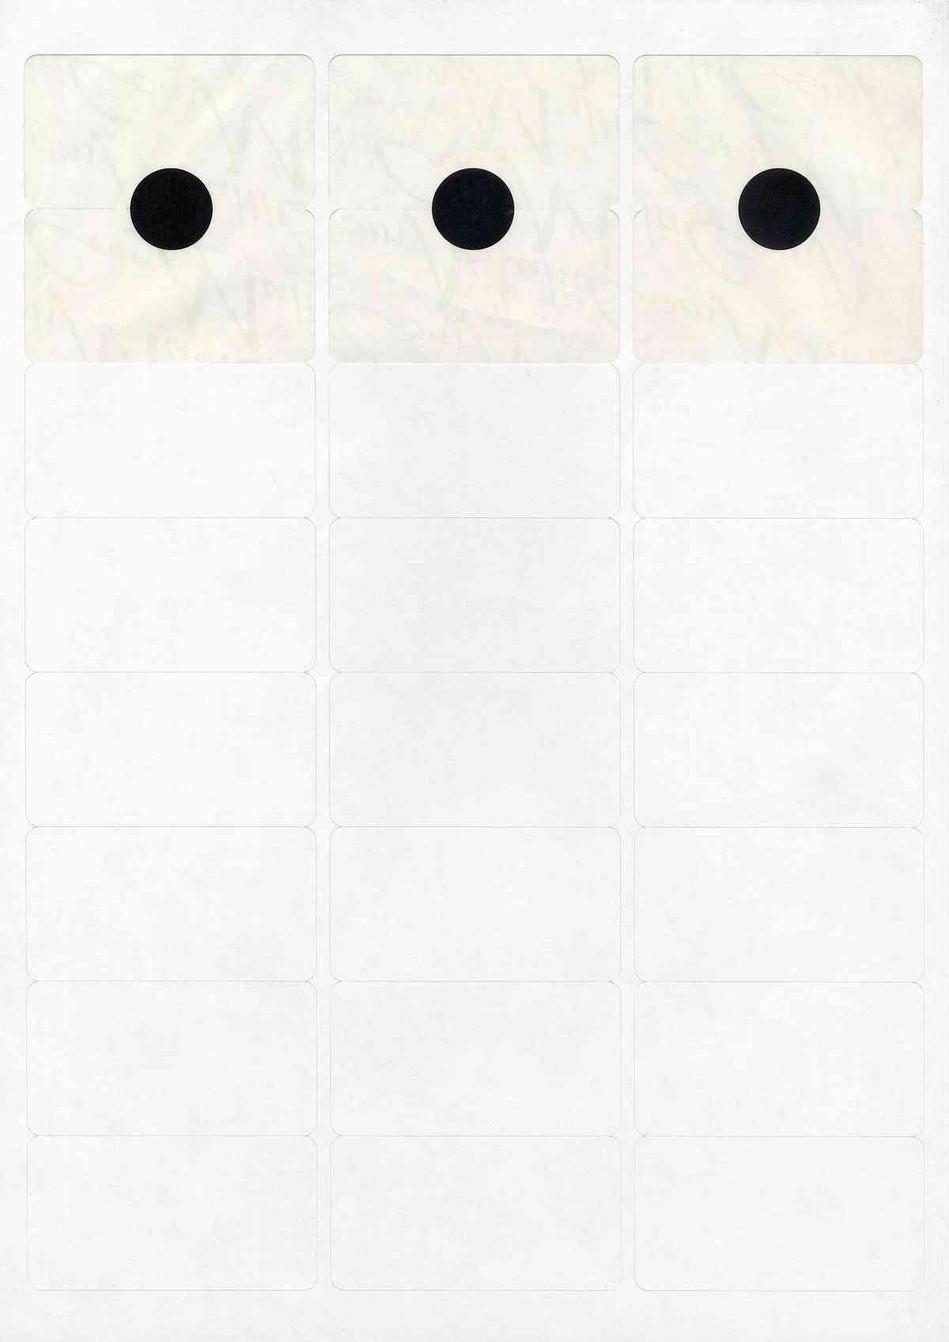 Pastilles noires sur feuille d'étiquettes - 21 x 29,7cm - 2006